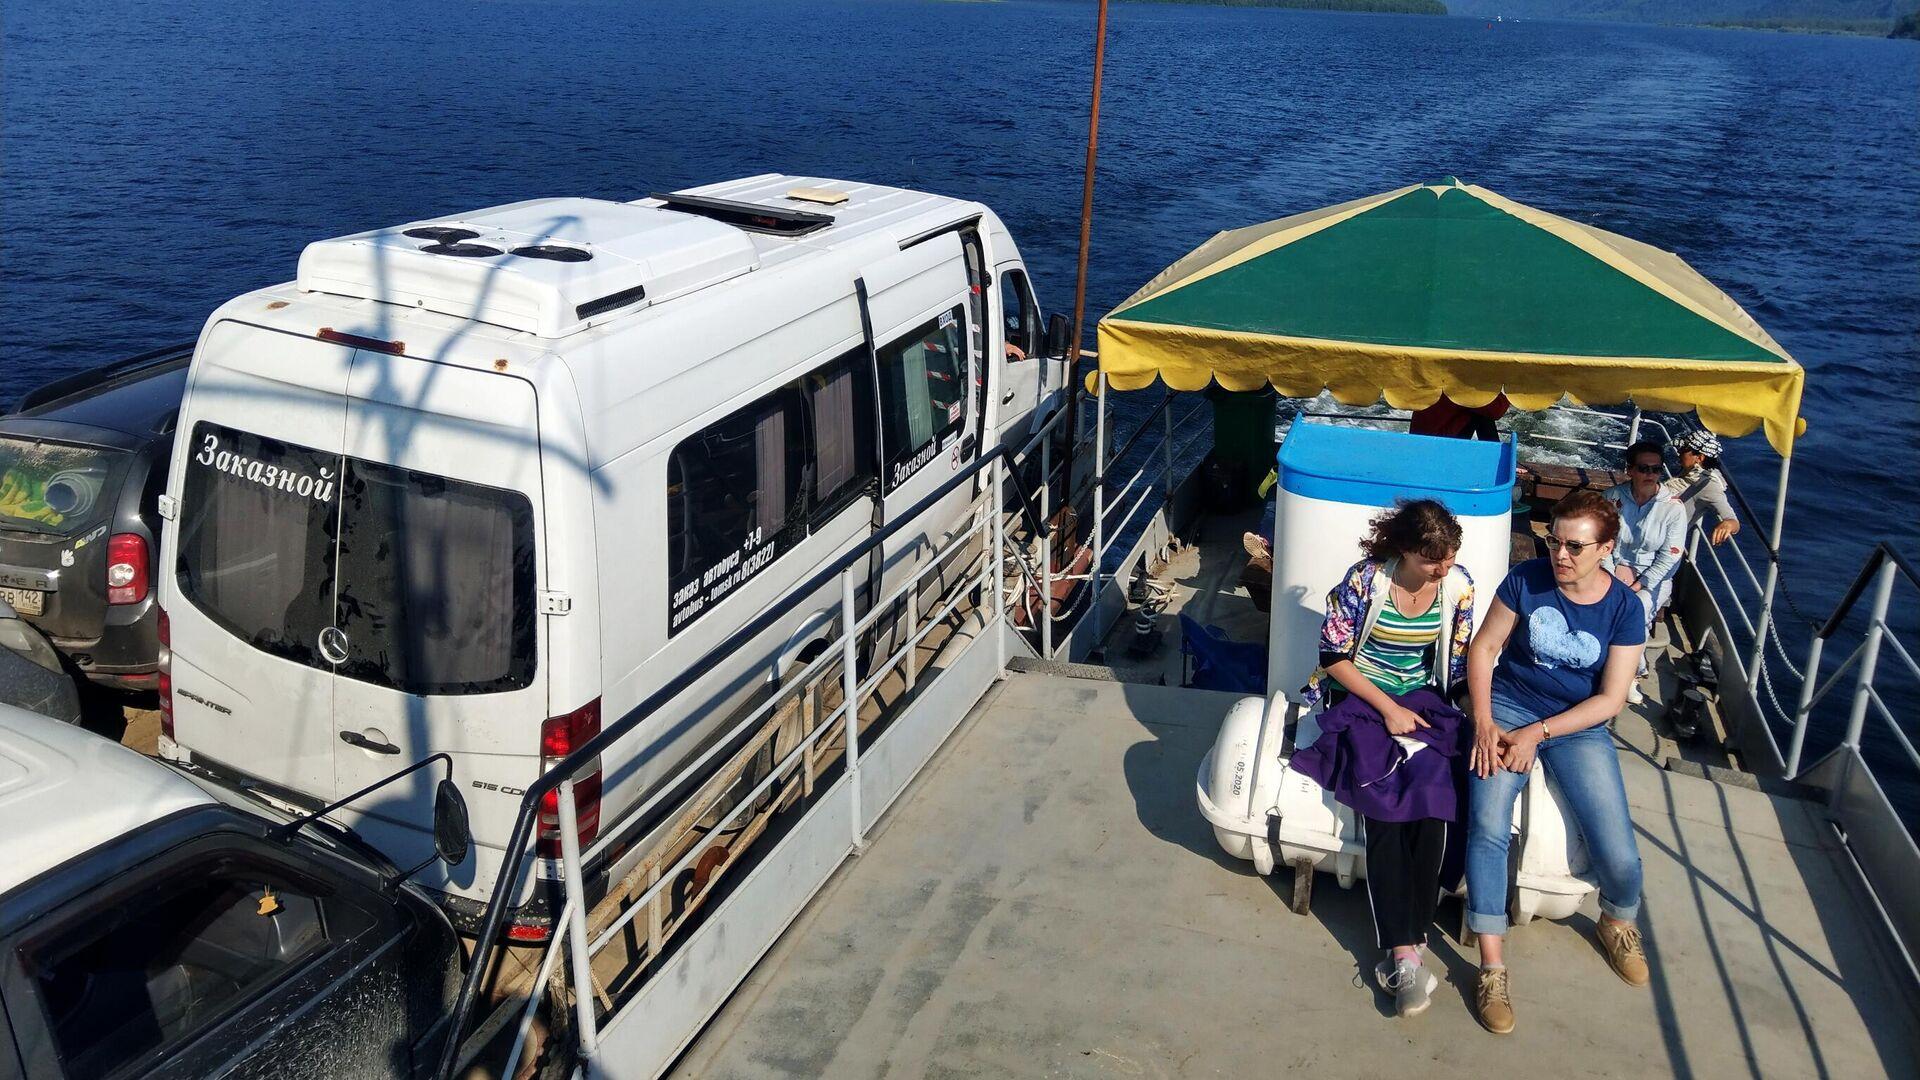 Туристы переправляются через Телецкое озеро в Республике Алтай - РИА Новости, 1920, 29.07.2021